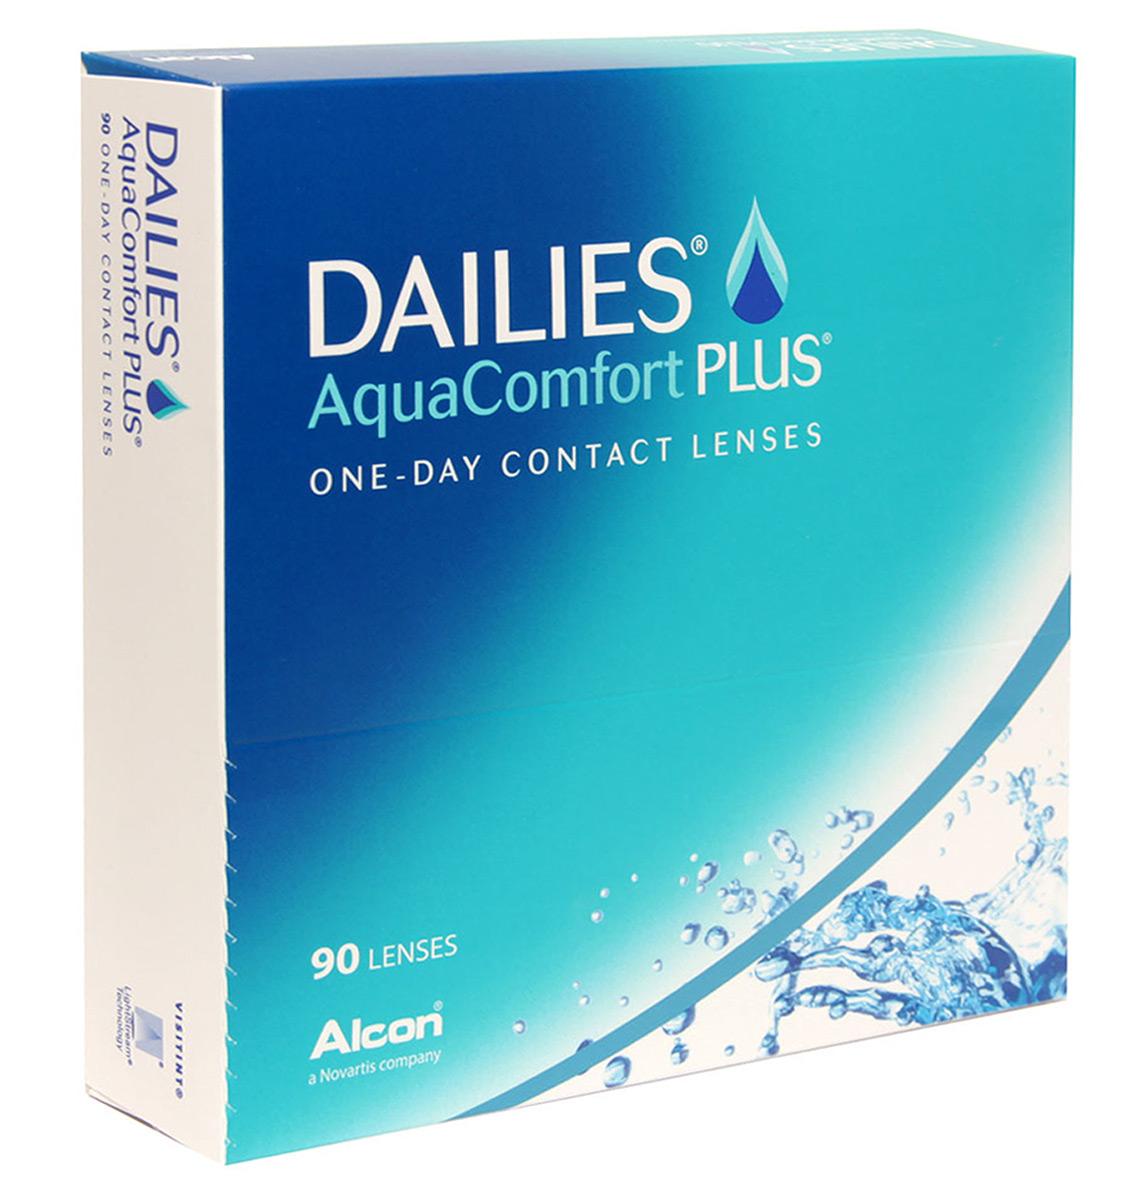 Alcon-CIBA Vision контактные линзы Dailies AquaComfort Plus (90шт / 8.7 / 14.0 / +1.50)12081Dailies Aqua Comfort Plus (90 блистеров) – это одни из самых популярных однодневных линз производства компании CIBA VISION. Эти линзы пользуются огромной популярностью во всем мире и являются на сегодняшний день самыми безопасными контактными линзами. Изготавливаются линзы из современного, 100% безопасного материала нелфилкон А. Особенность этого материала в том, что он легко пропускает воздух и хорошо сохраняет влагу. Однодневные контактные линзы Dailies Aqua Comfort Plus не нуждаются в дополнительном уходе и затратах, каждый день вы надеваете свежую пару линз. Дизайн линзы биосовместимый, что гарантирует безупречный комфорт. Самое главное достоинство Dailies Aqua Comfort Plus – это их уникальная система увлажнения. Благодаря этой разработке линзы увлажняются тремя различными агентами. Первый компонент, ухаживающий за линзами, находится в растворе, он как бы обволакивает линзу, обеспечивая чрезвычайно комфортное надевание. Второй агент выделяется на протяжении всего дня, он непрерывно смачивает линзы. Третий – увлажняющий агент, выделяется во время моргания, благодаря ему поддерживается постоянный комфорт. Также линзы имеют УФ-фильтр, который будет заботиться о ваших глазах. Dailies Aqua Comfort Plus одни из лучших линз в своей категории. Всемирно известная компания CIBAVISION, создавая эти контактные линзы, попыталась учесть все потребности пациентов и ей это удалось!Кривизна, Mm: /8.7/.Оптическая сила,mm: +1.50.Содержание воды, %: 69.Контактные линзы или очки: советы офтальмологов. Статья OZON Гид